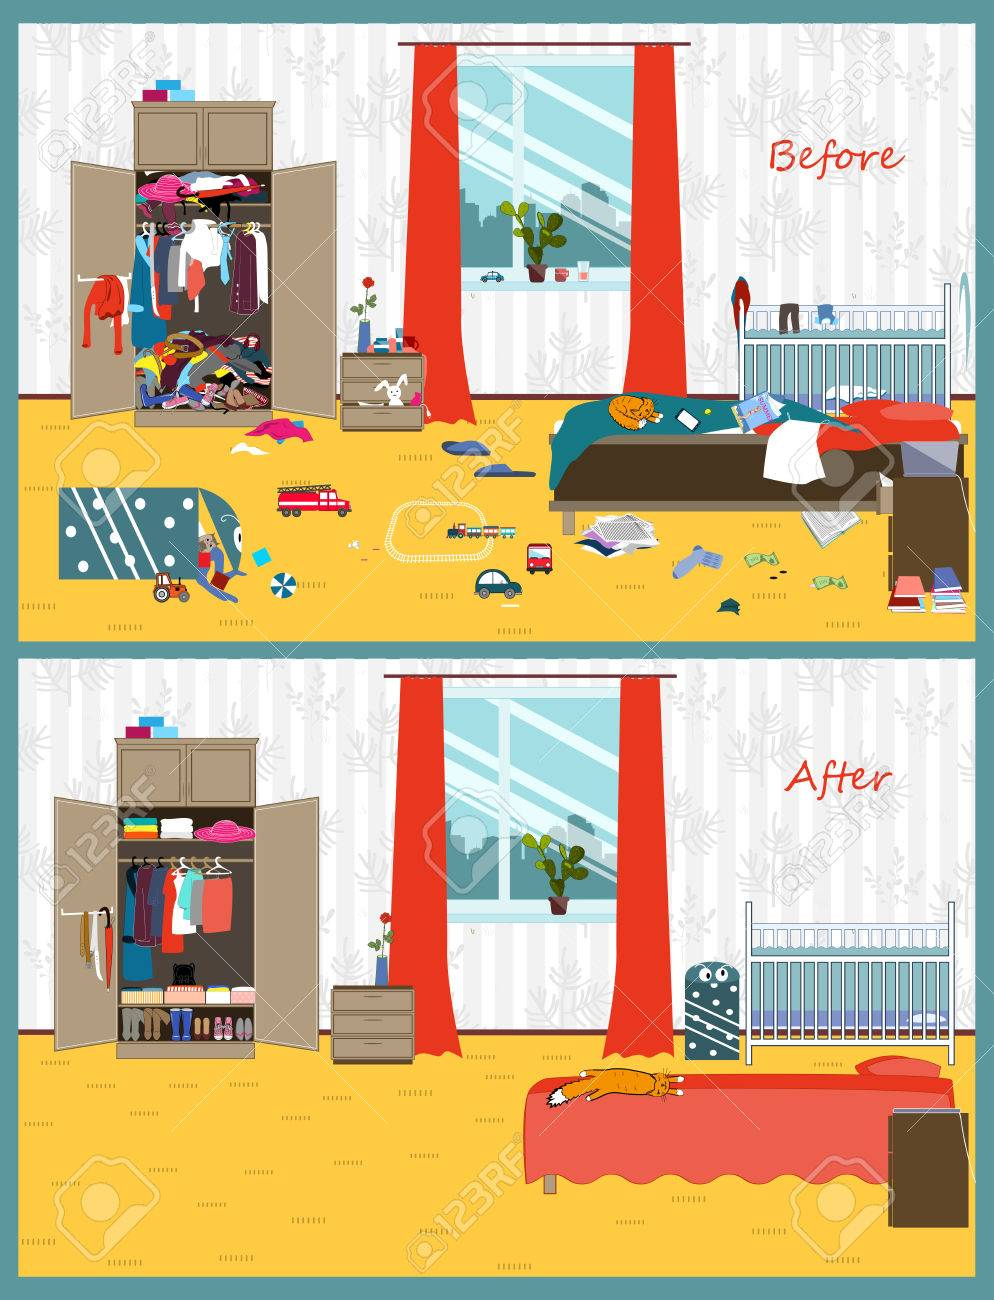 汚いし部屋をきれい内部を障害します前にと洗浄後の部屋